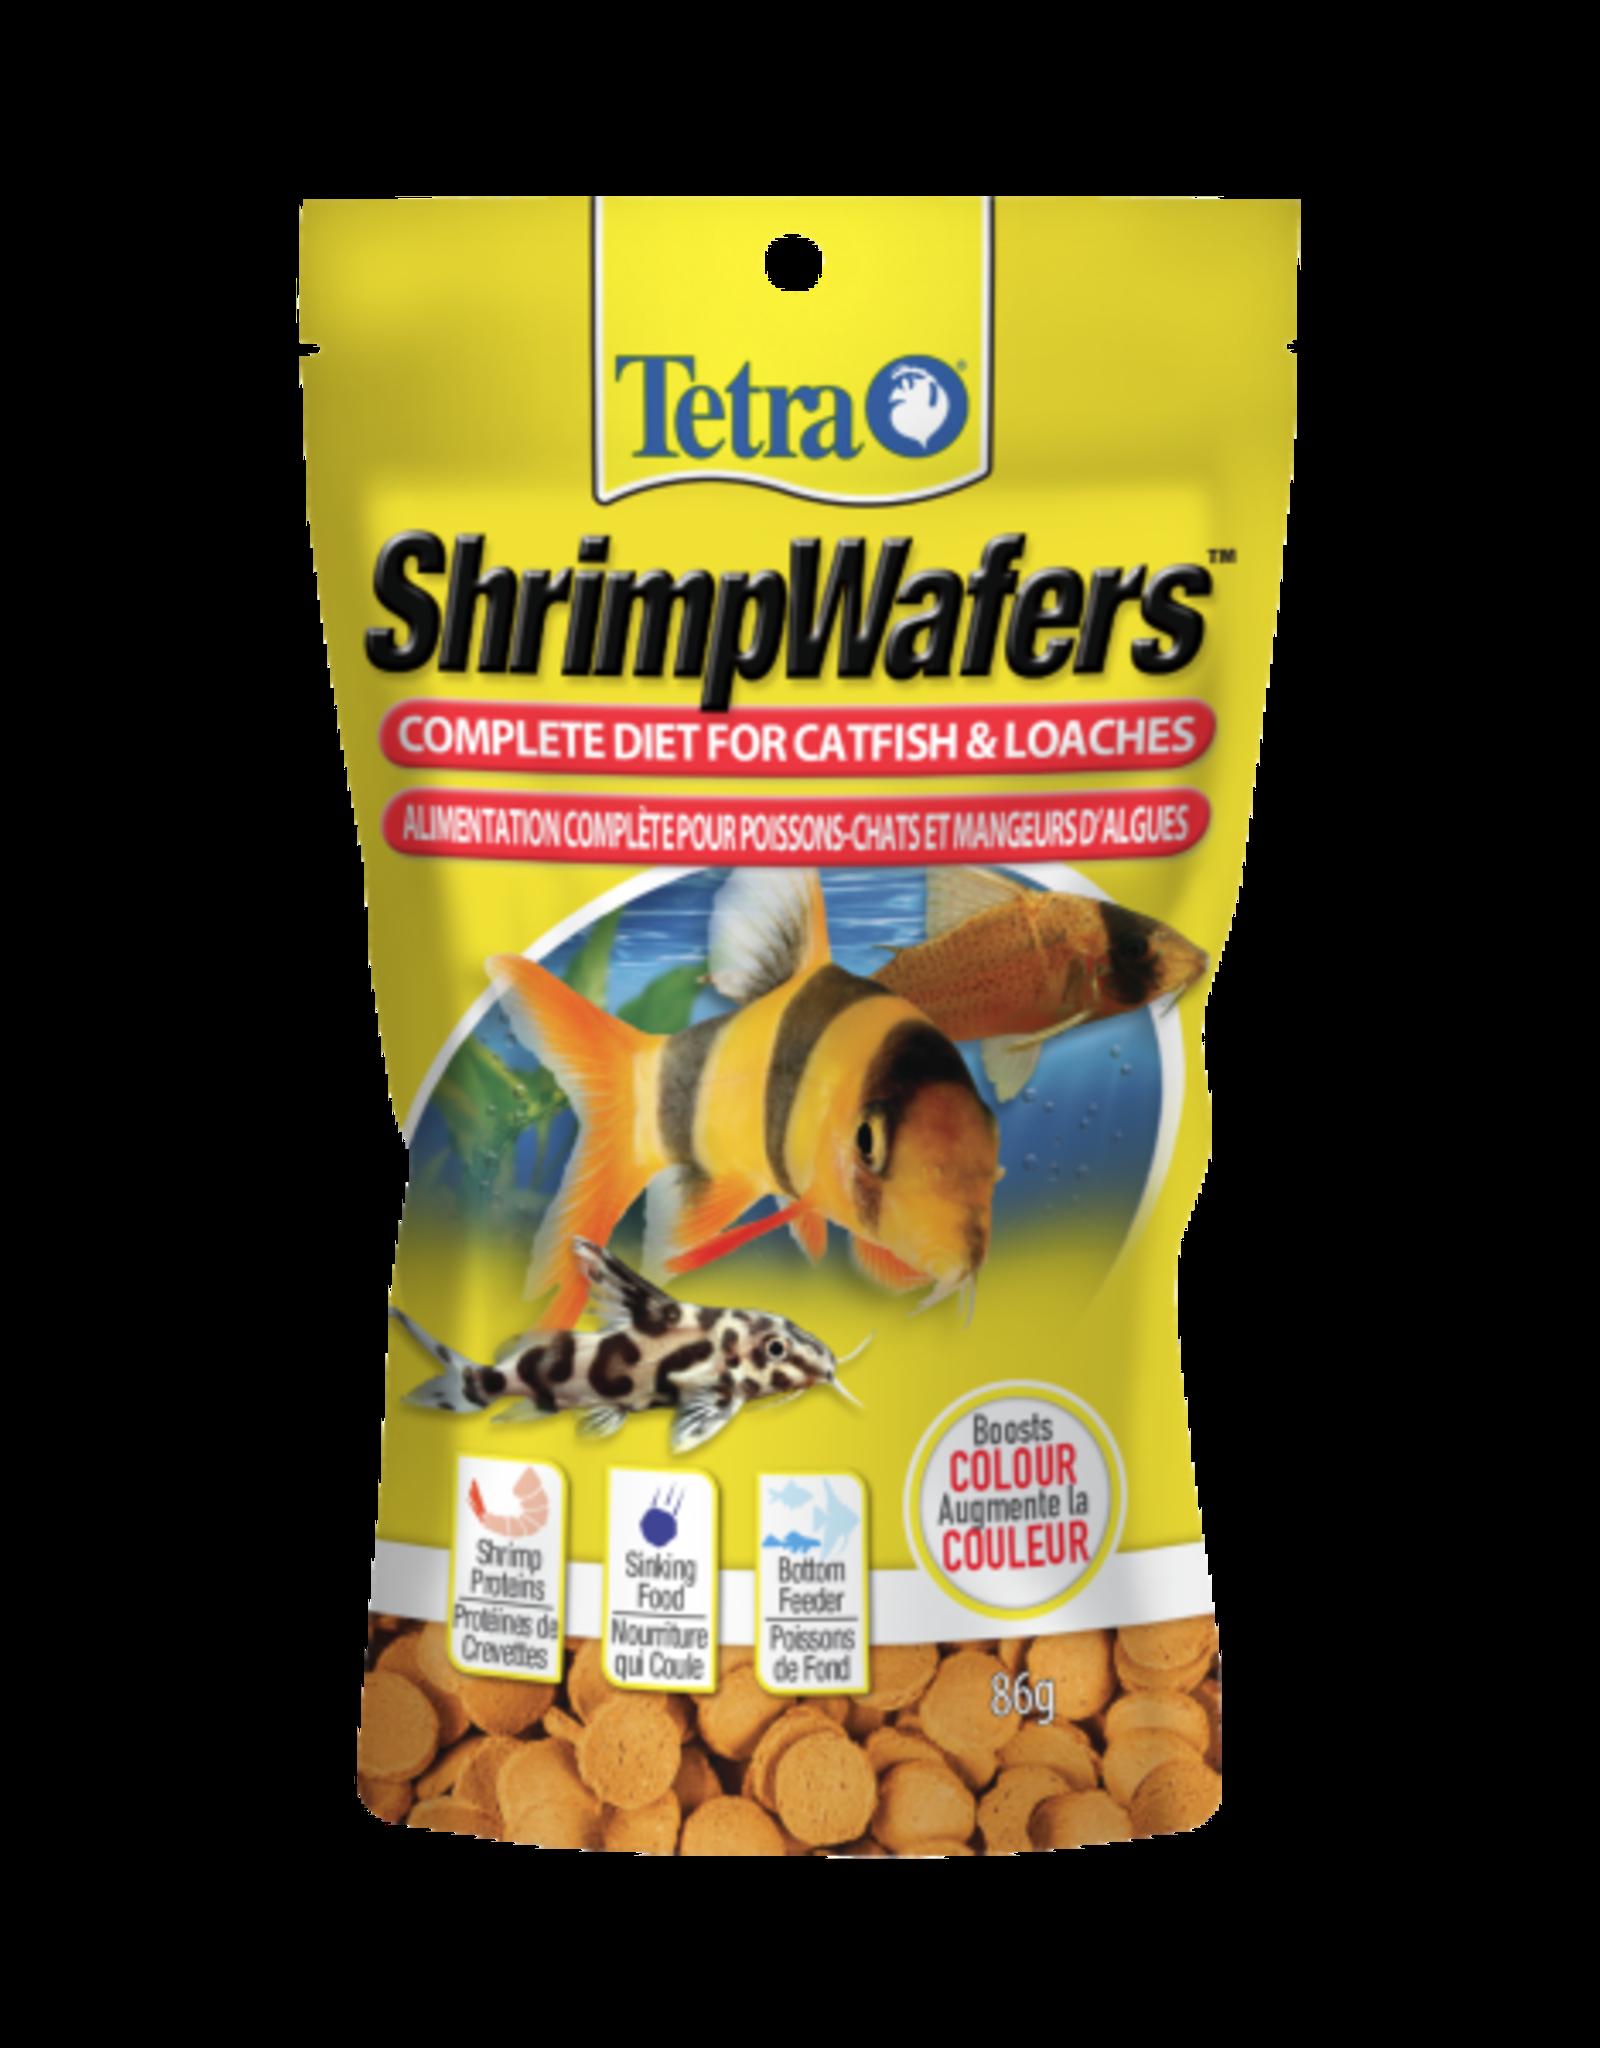 TETRA Tetra Shrimp Wafers 3 oz